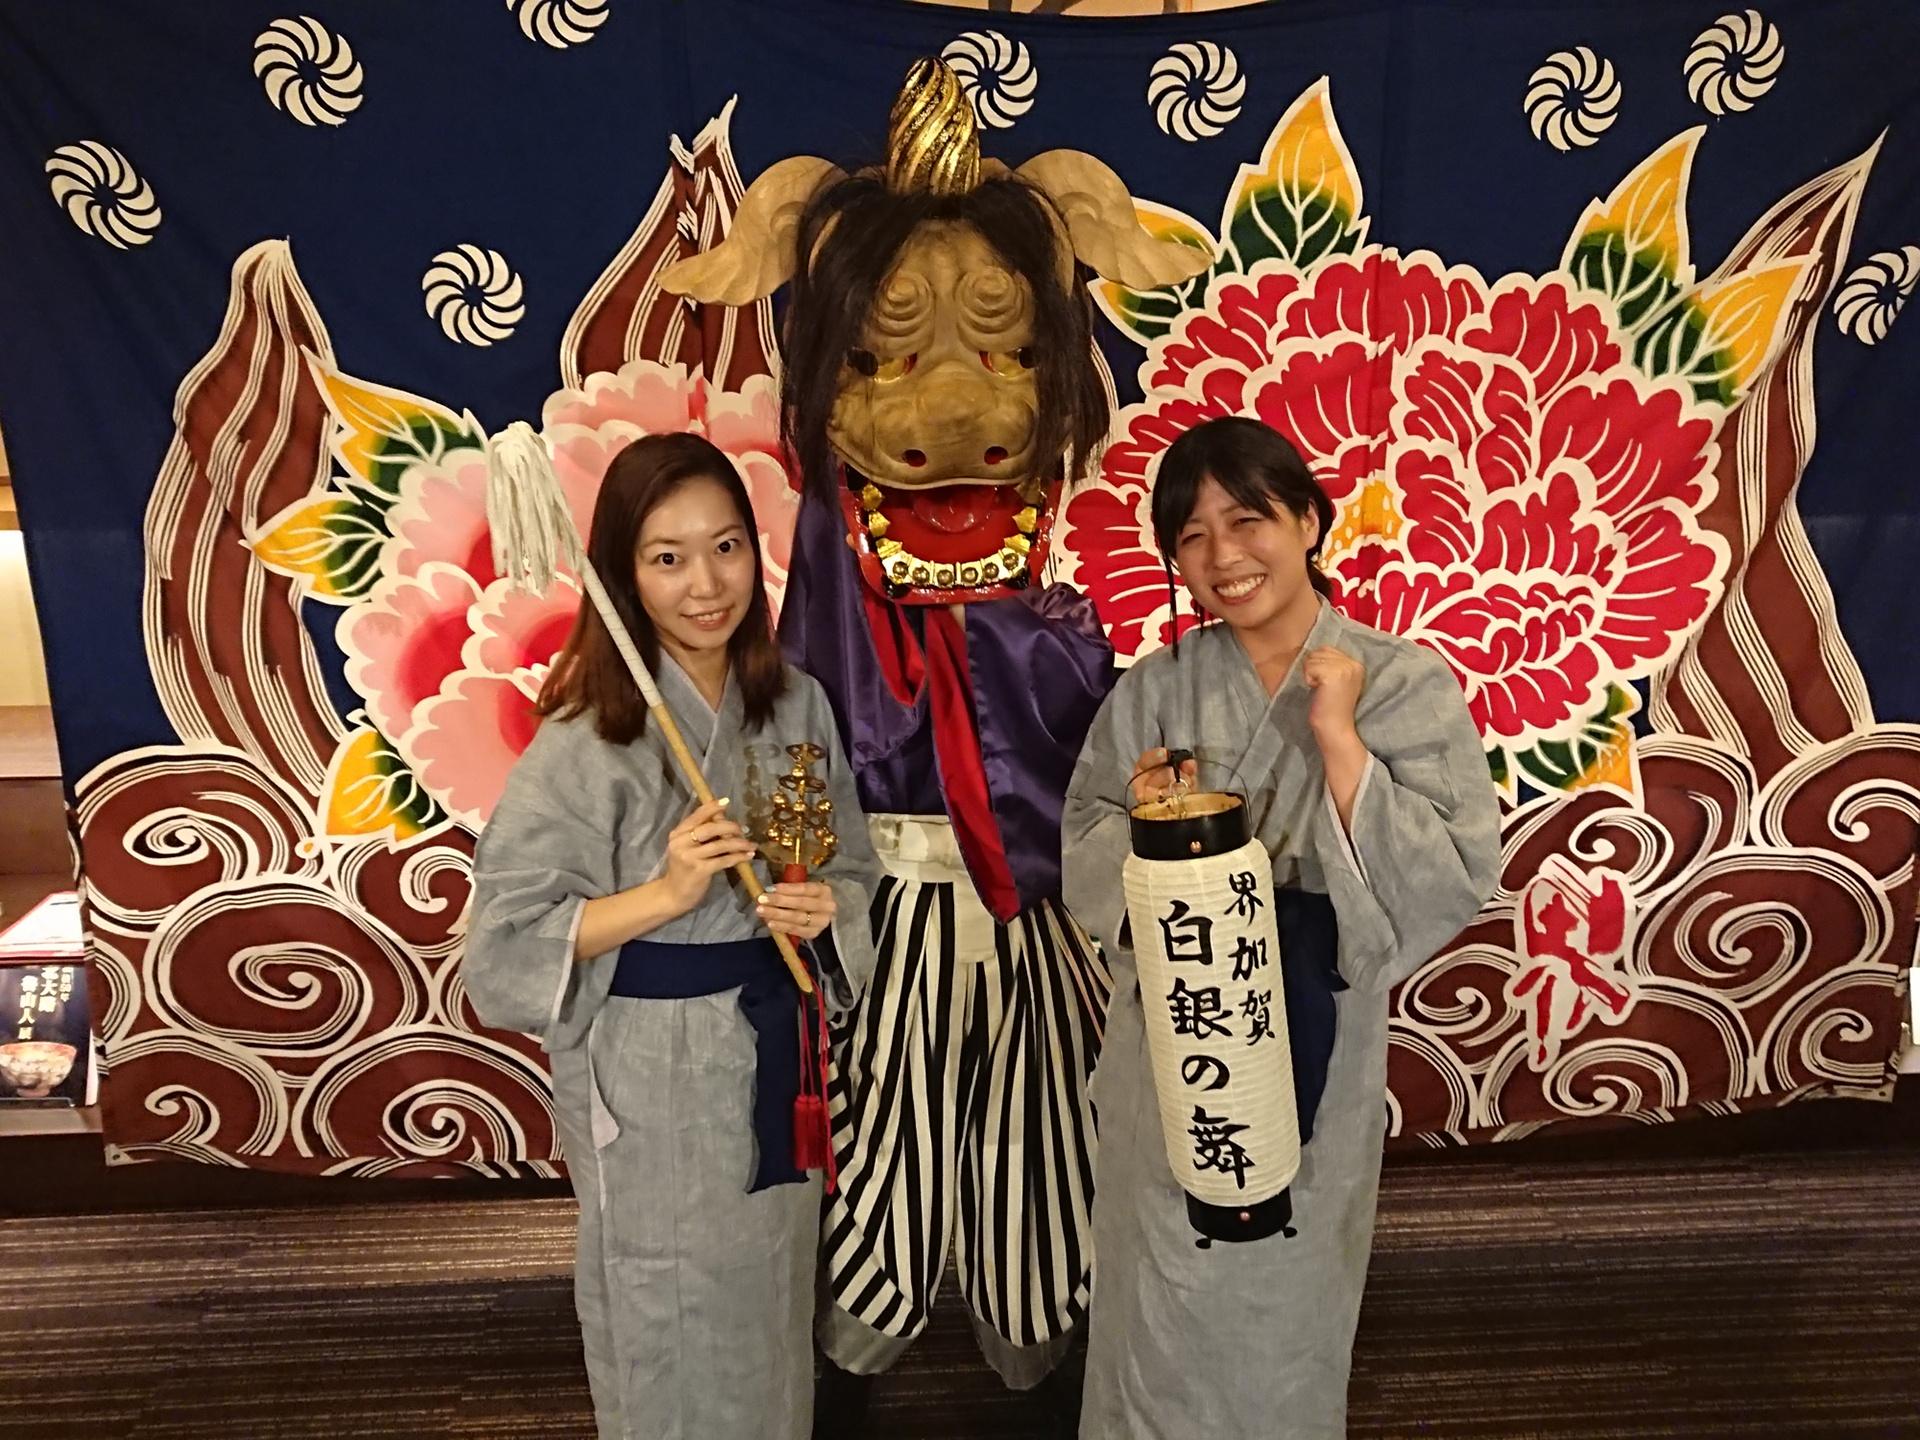 【星野リゾート 界 加賀】『界タビ20s』で温泉と伝統文化が心ゆくまで愉しめる女子旅を♡_12